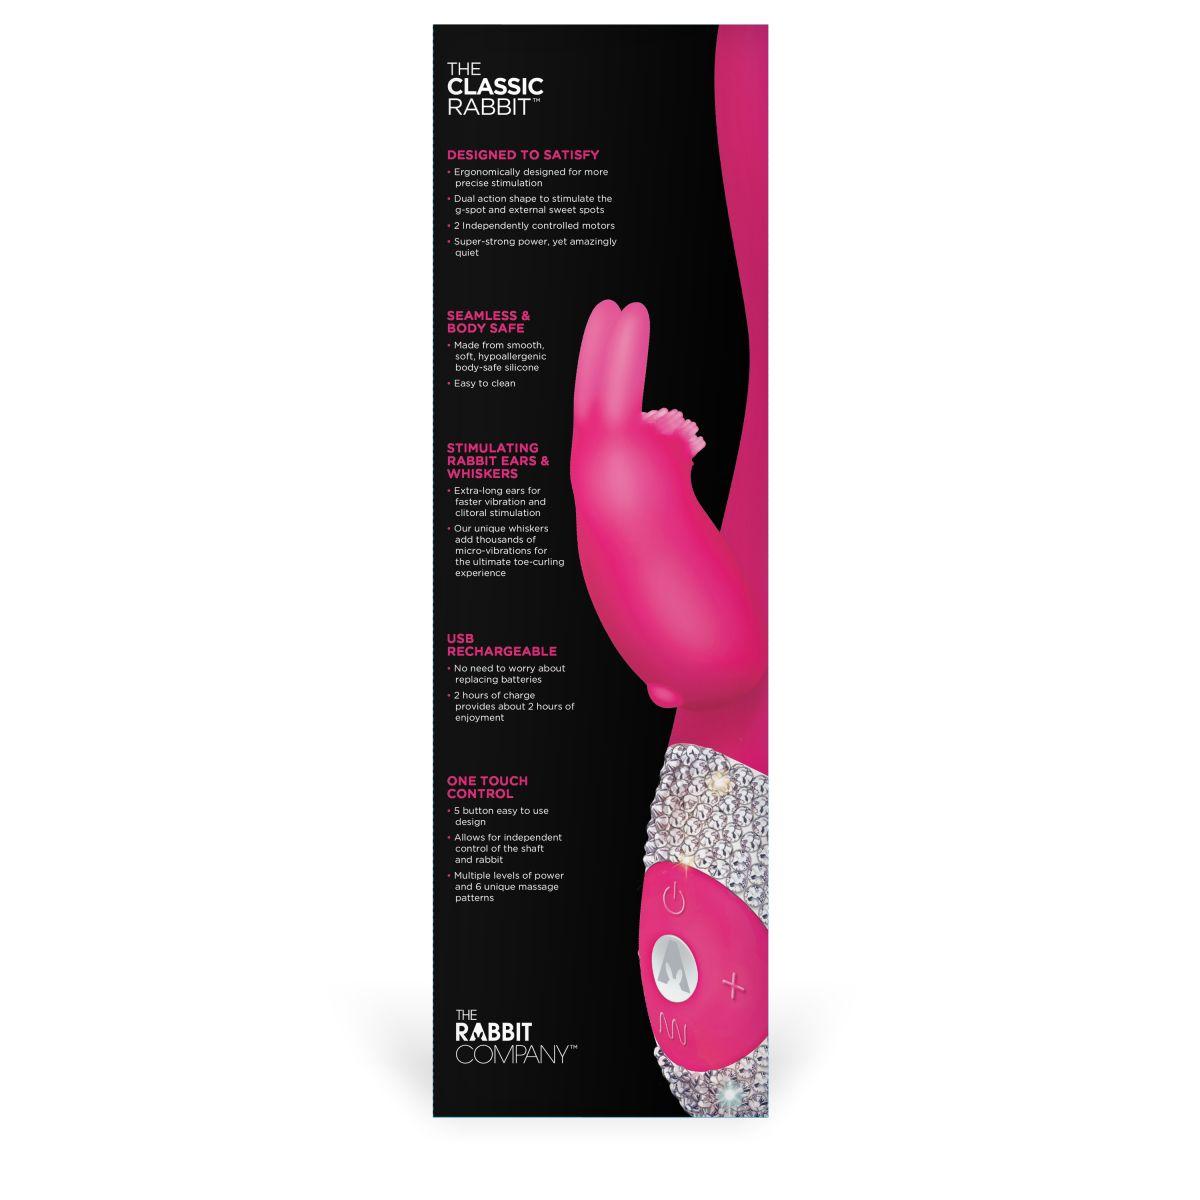 Ярко-розовый вибромассажёр с клиторальным отростком и отделанной стразами рукоятью The Classic Rabbit - 22 см.